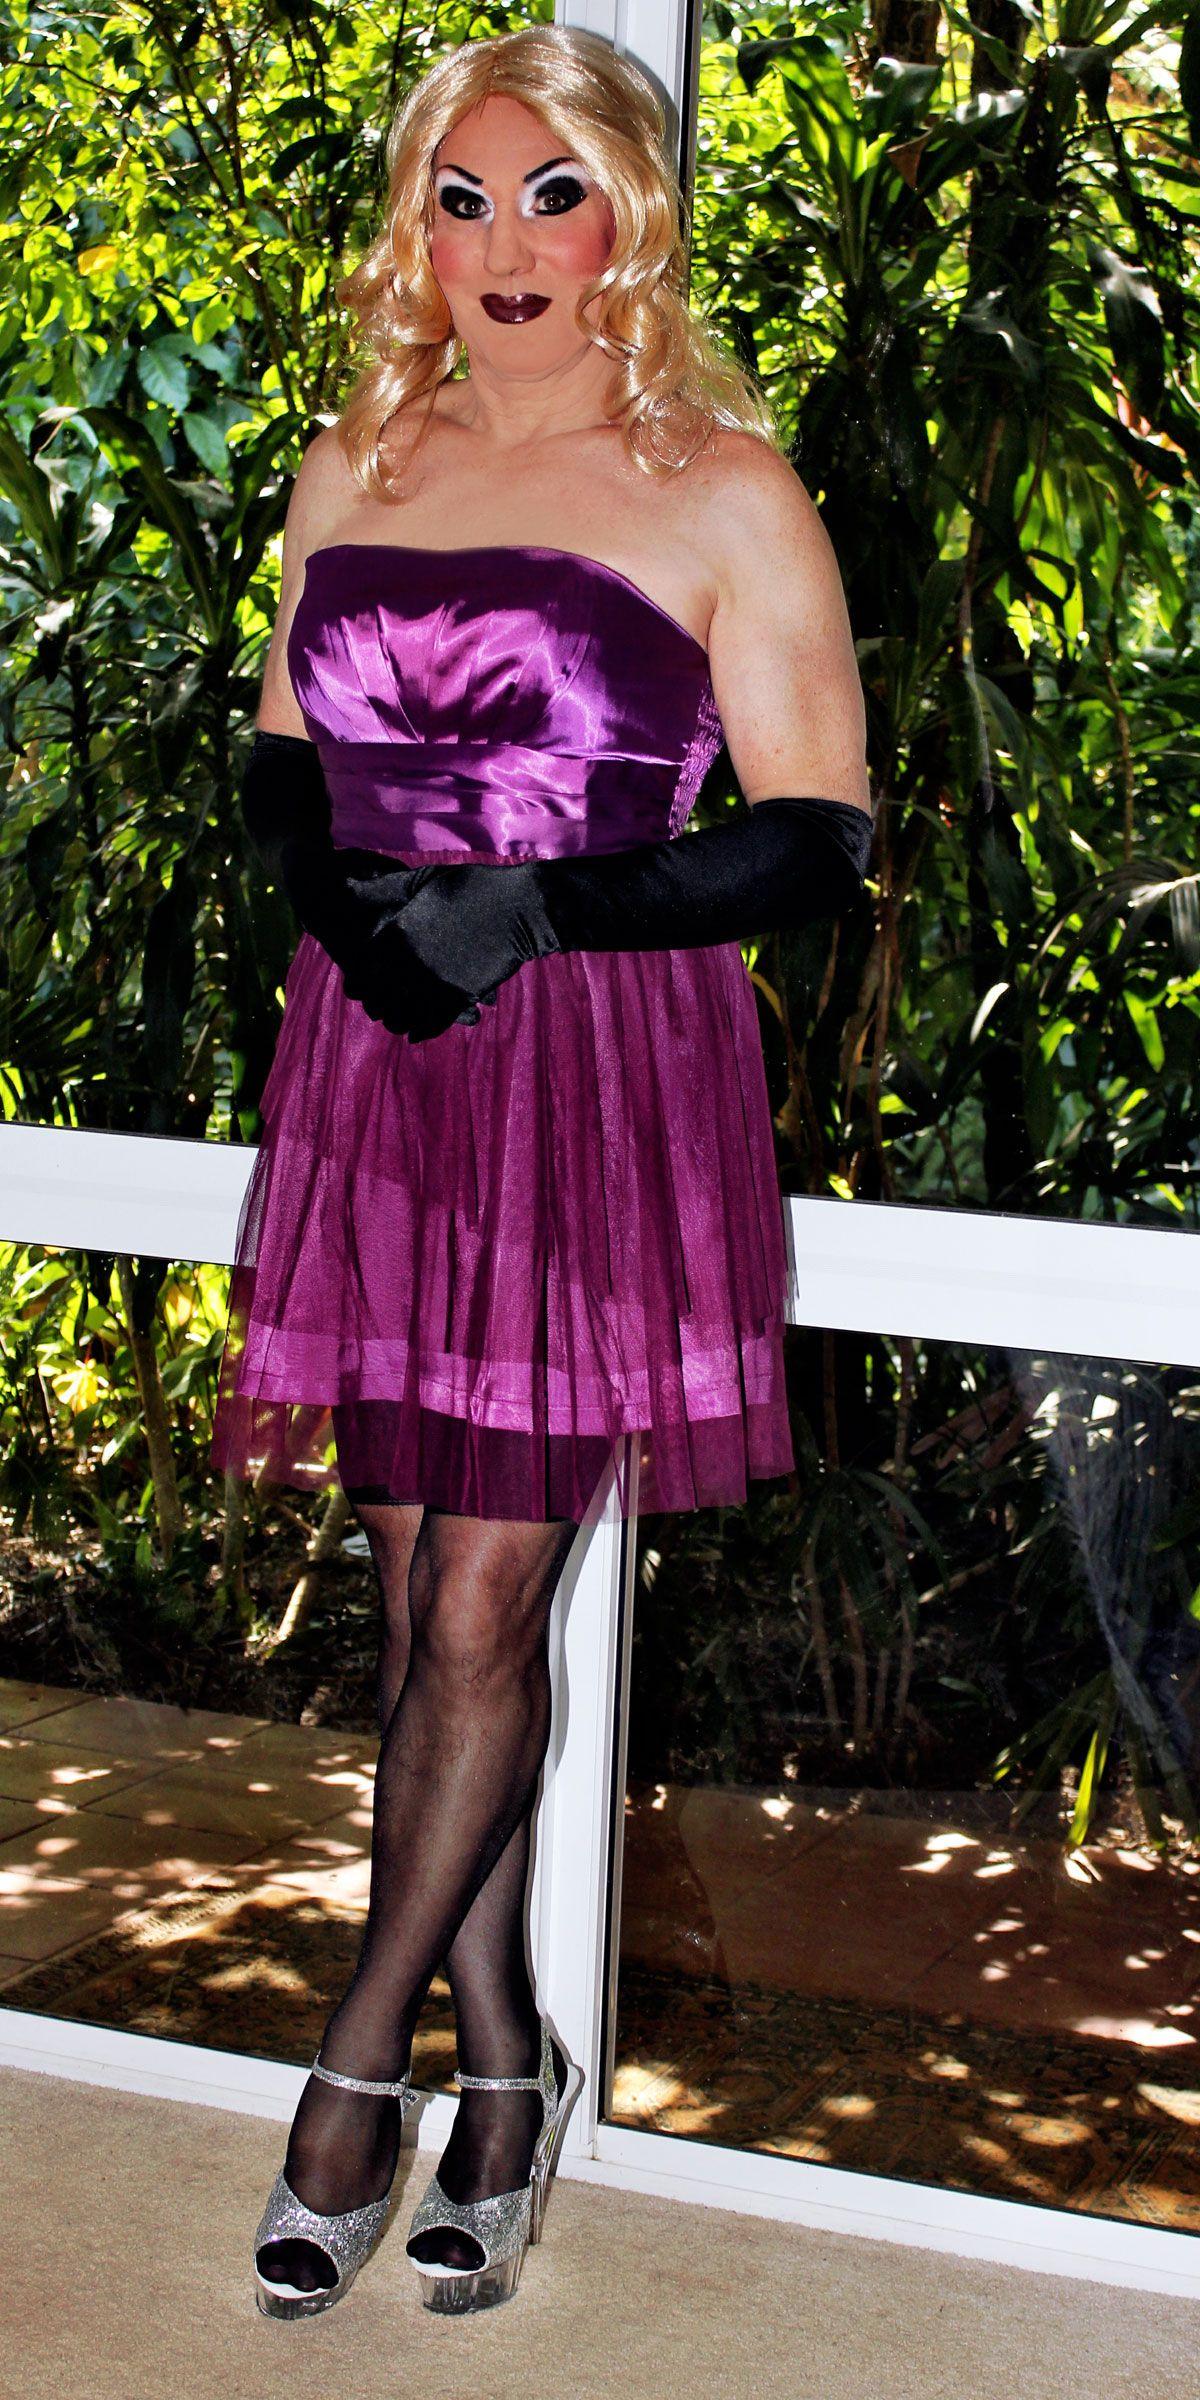 Chiffon transvestite wardrobe #11